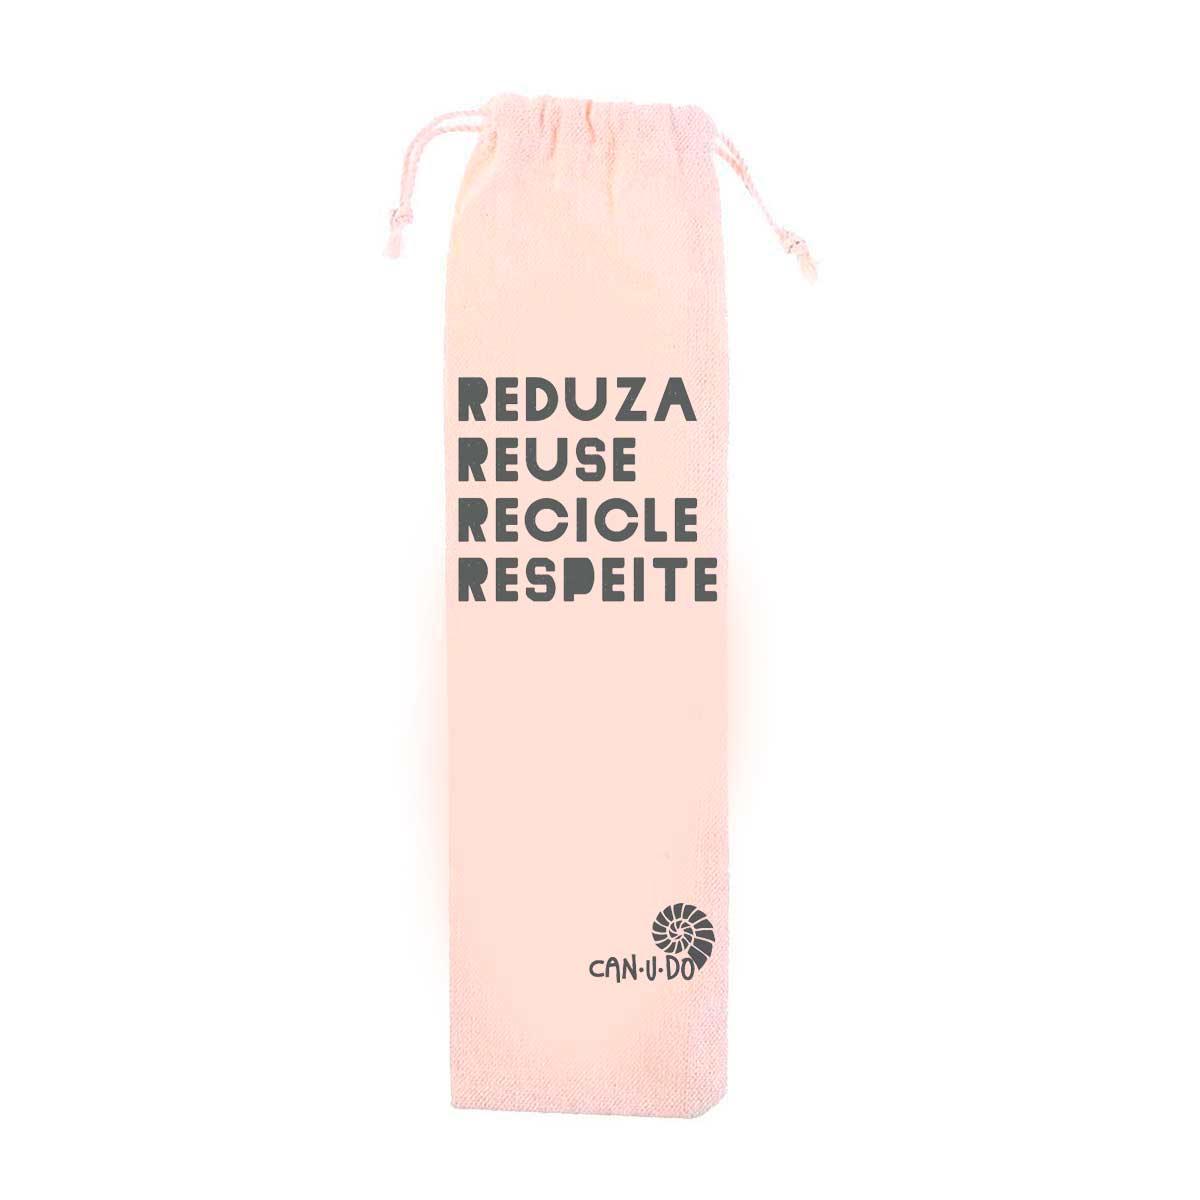 Ecobag Algodão Cru - Reuse Recicle Respeite